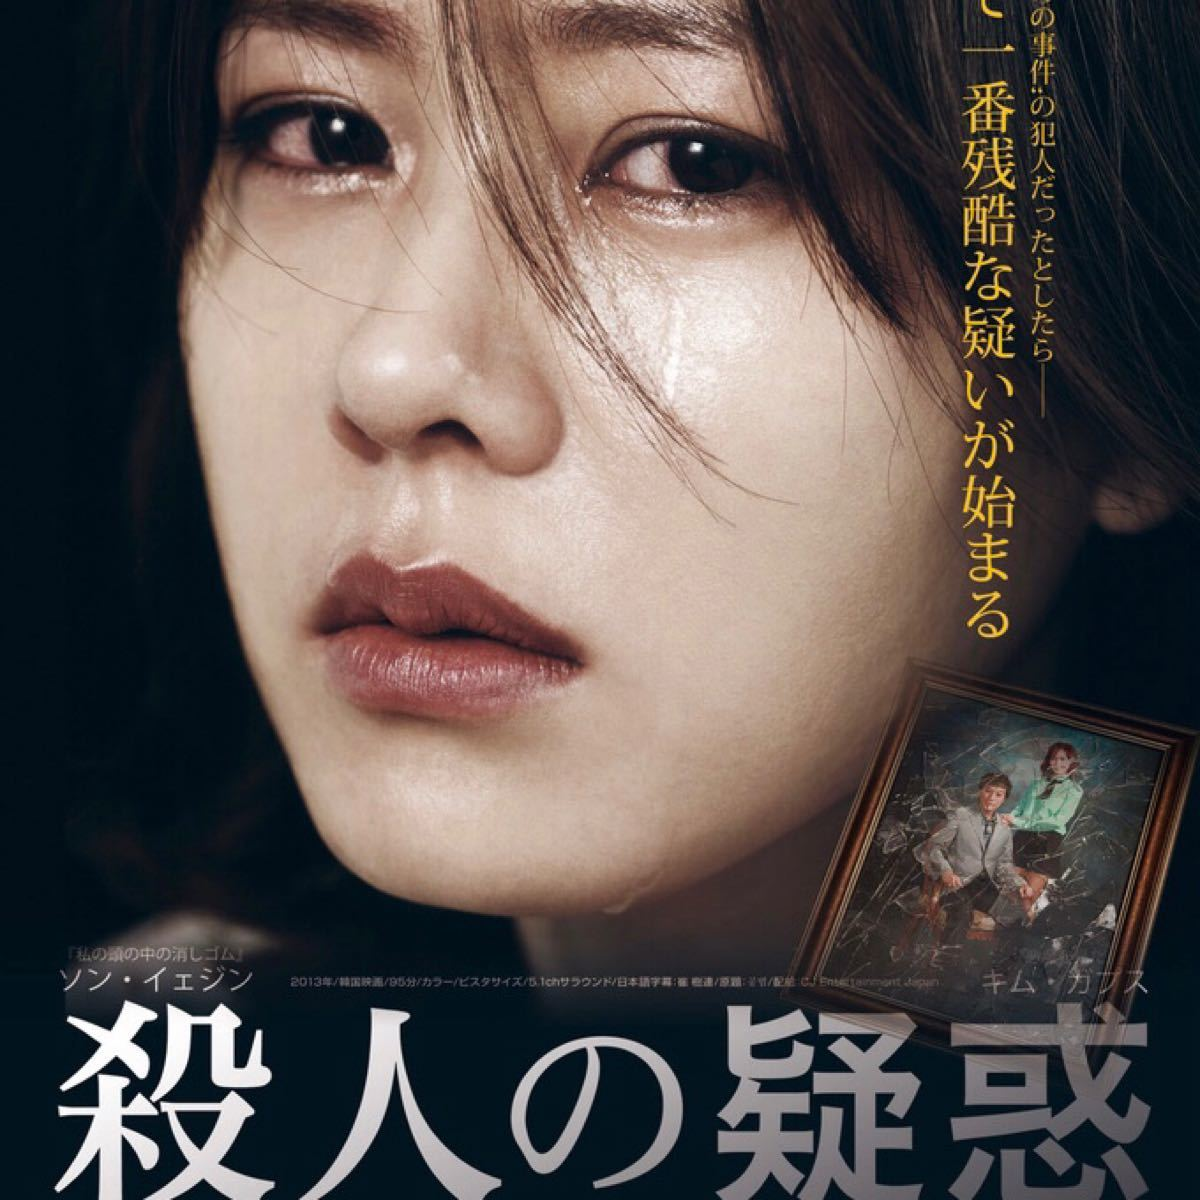 韓国映画  荊棘の秘密  殺人の疑惑  ソン・イェジン  DVD  2点セット  レーベル有り